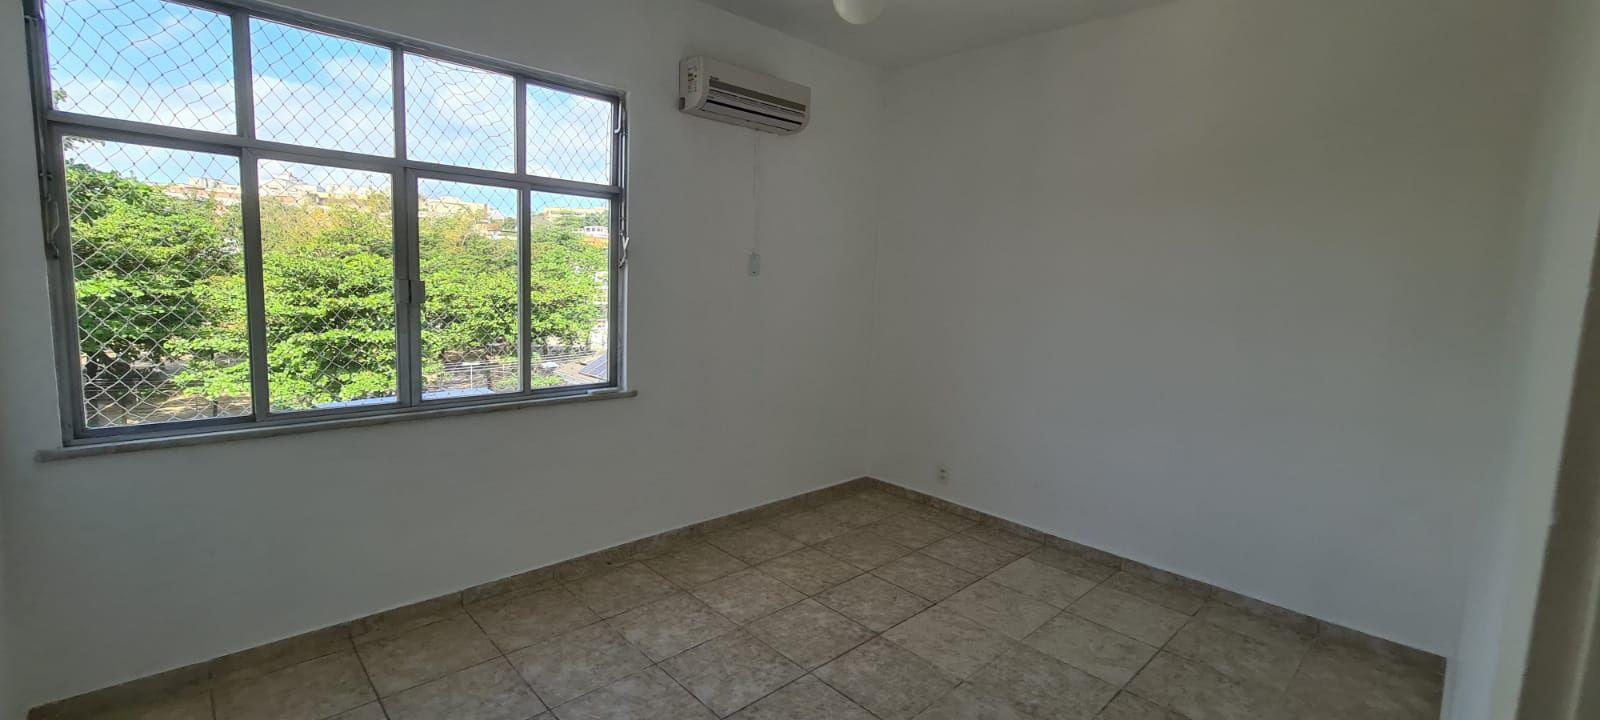 Quarto - Apartamento 2 quartos à venda Rio de Janeiro,RJ - R$ 480.000 - 109 - 4